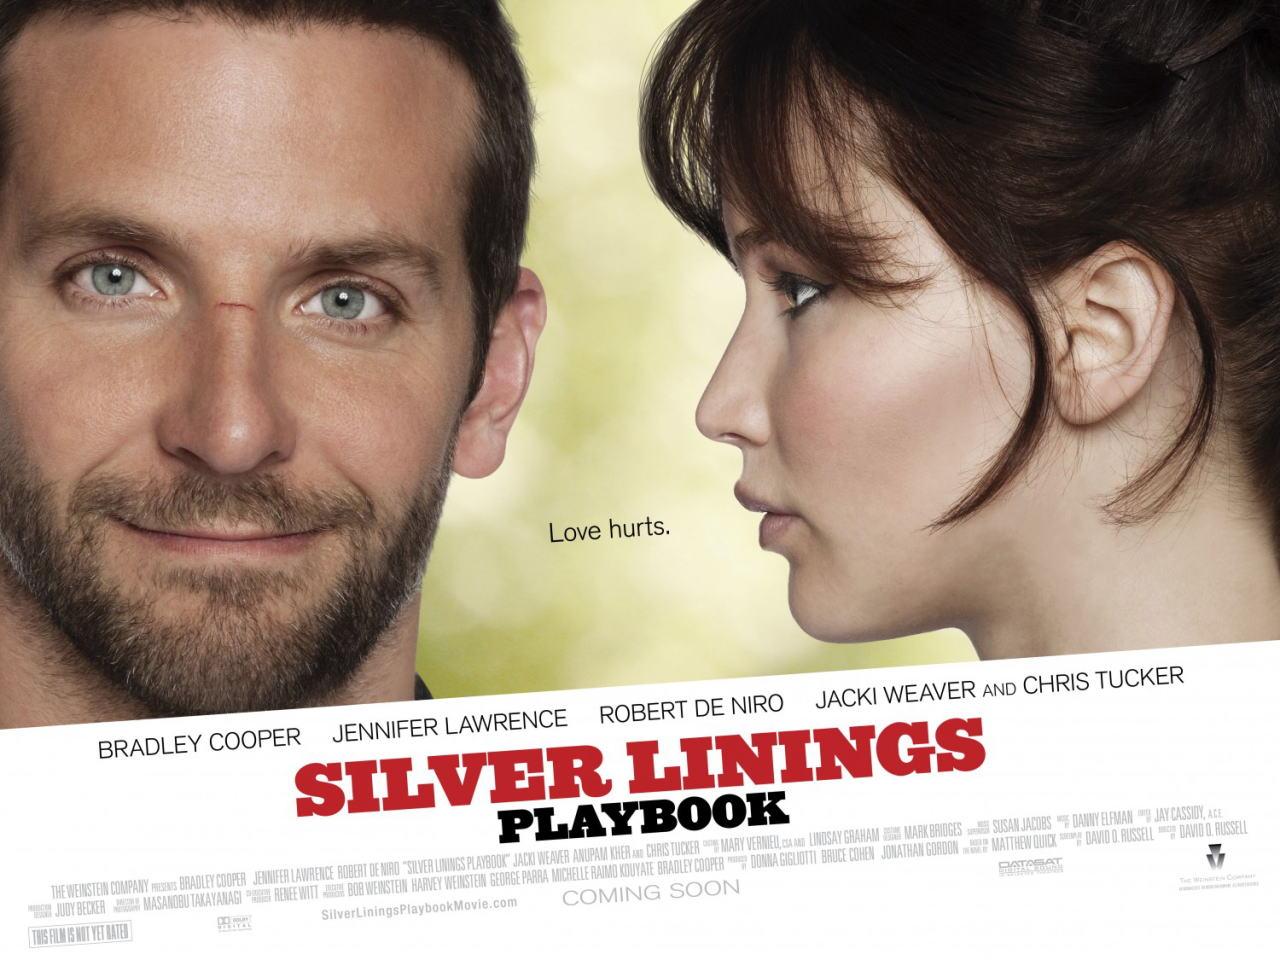 映画『世界にひとつのプレイブック SILVER LININGS PLAYBOOK』ポスター(4) ▼ポスター画像クリックで拡大します。